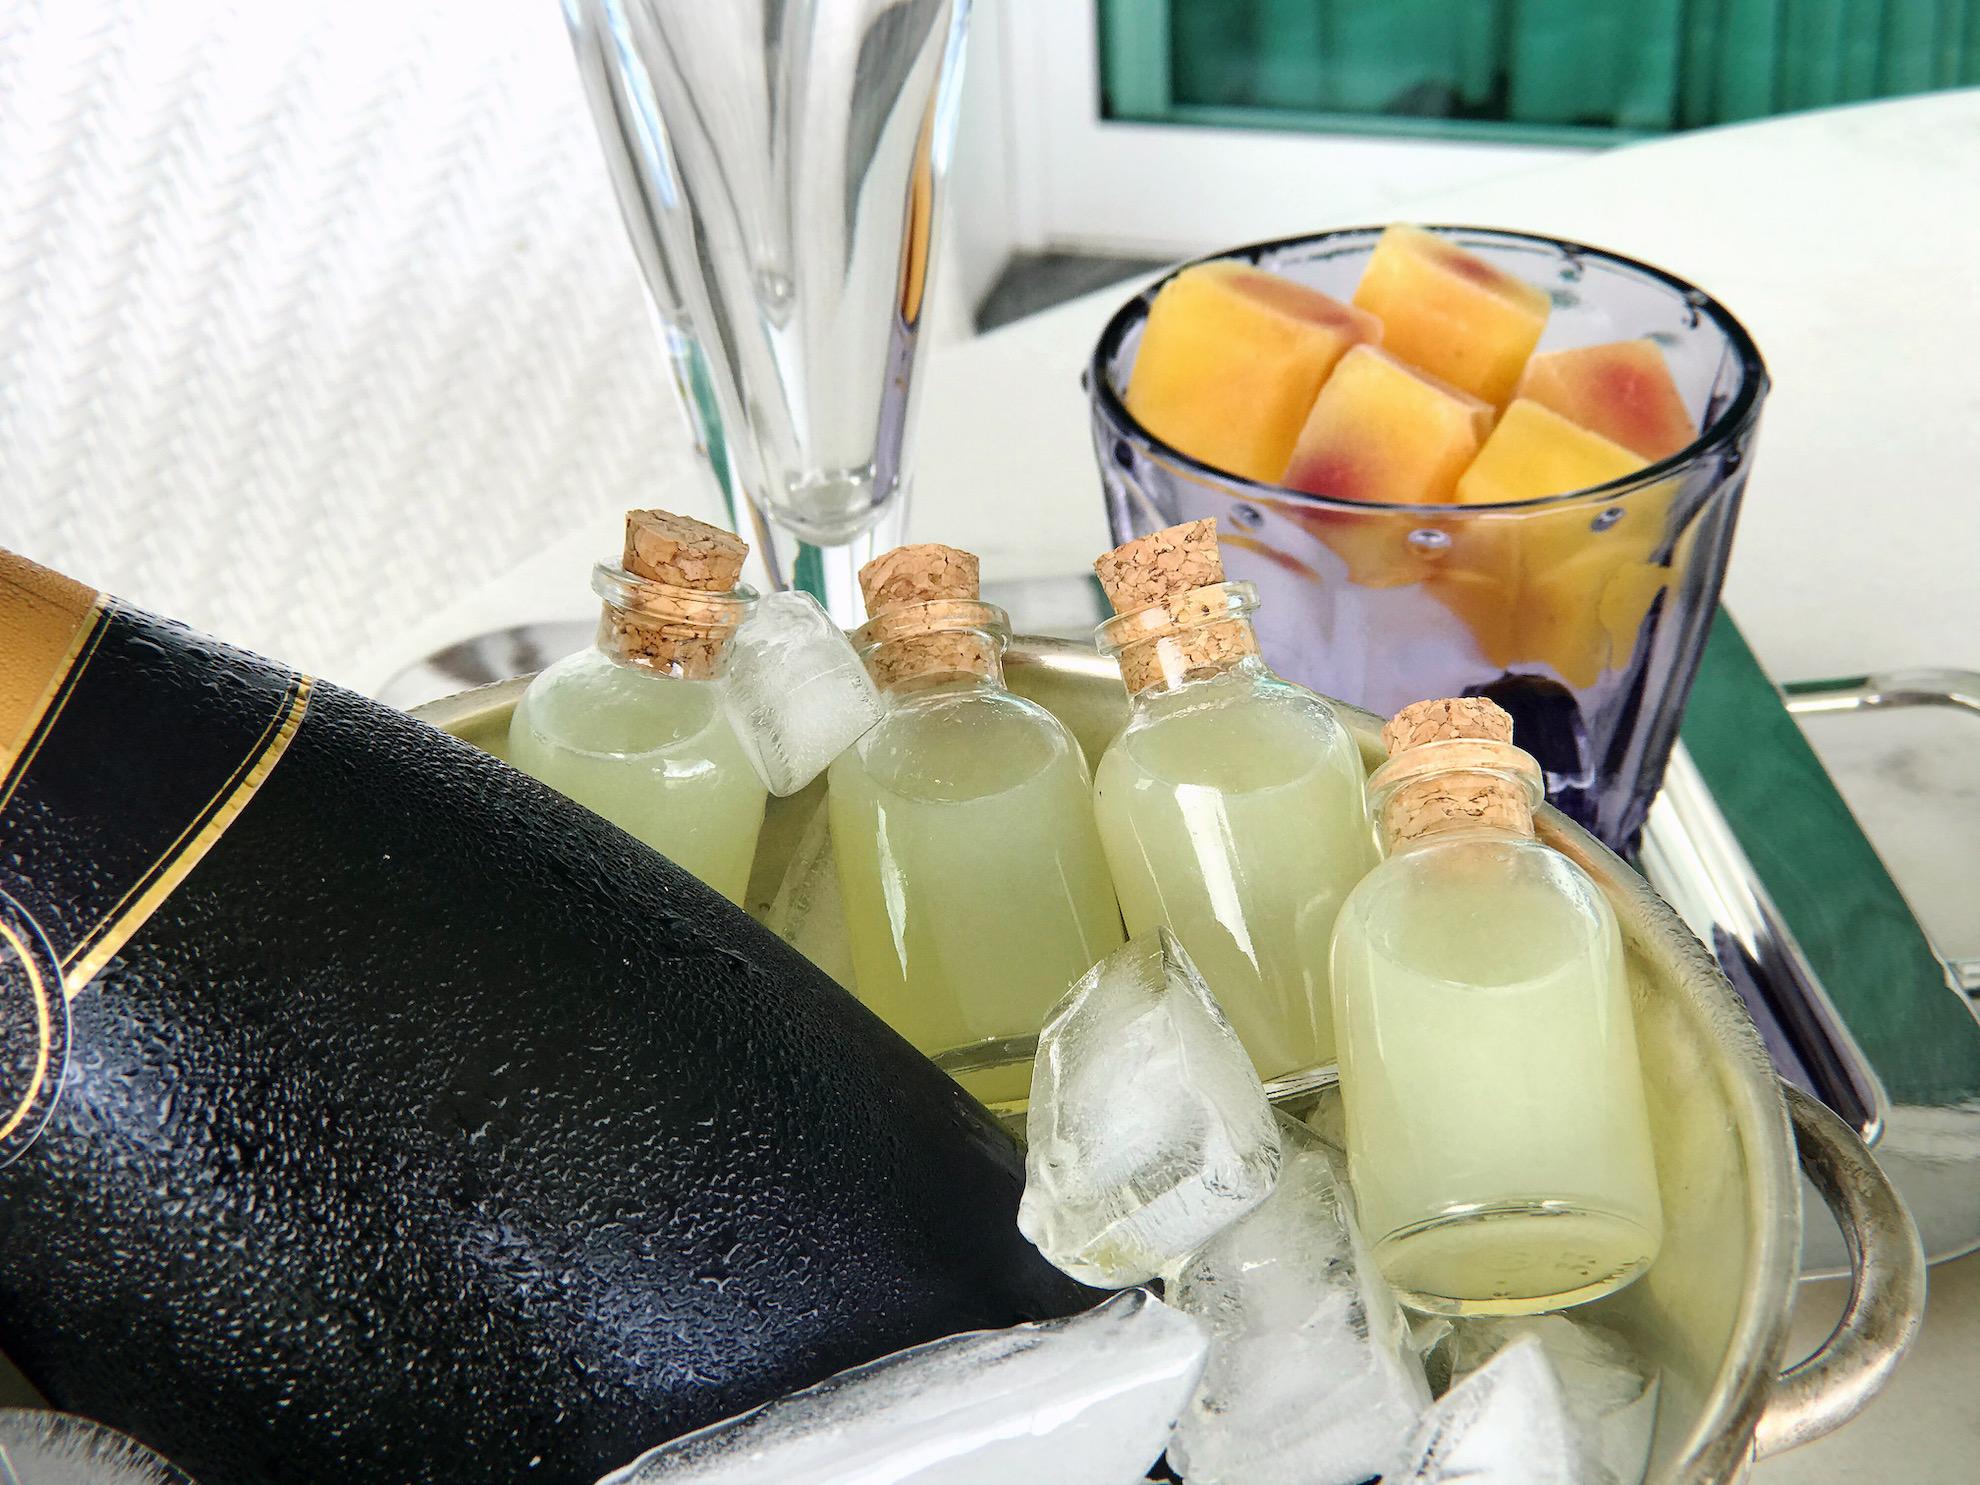 mesa posta limão espremido em garrafinhas